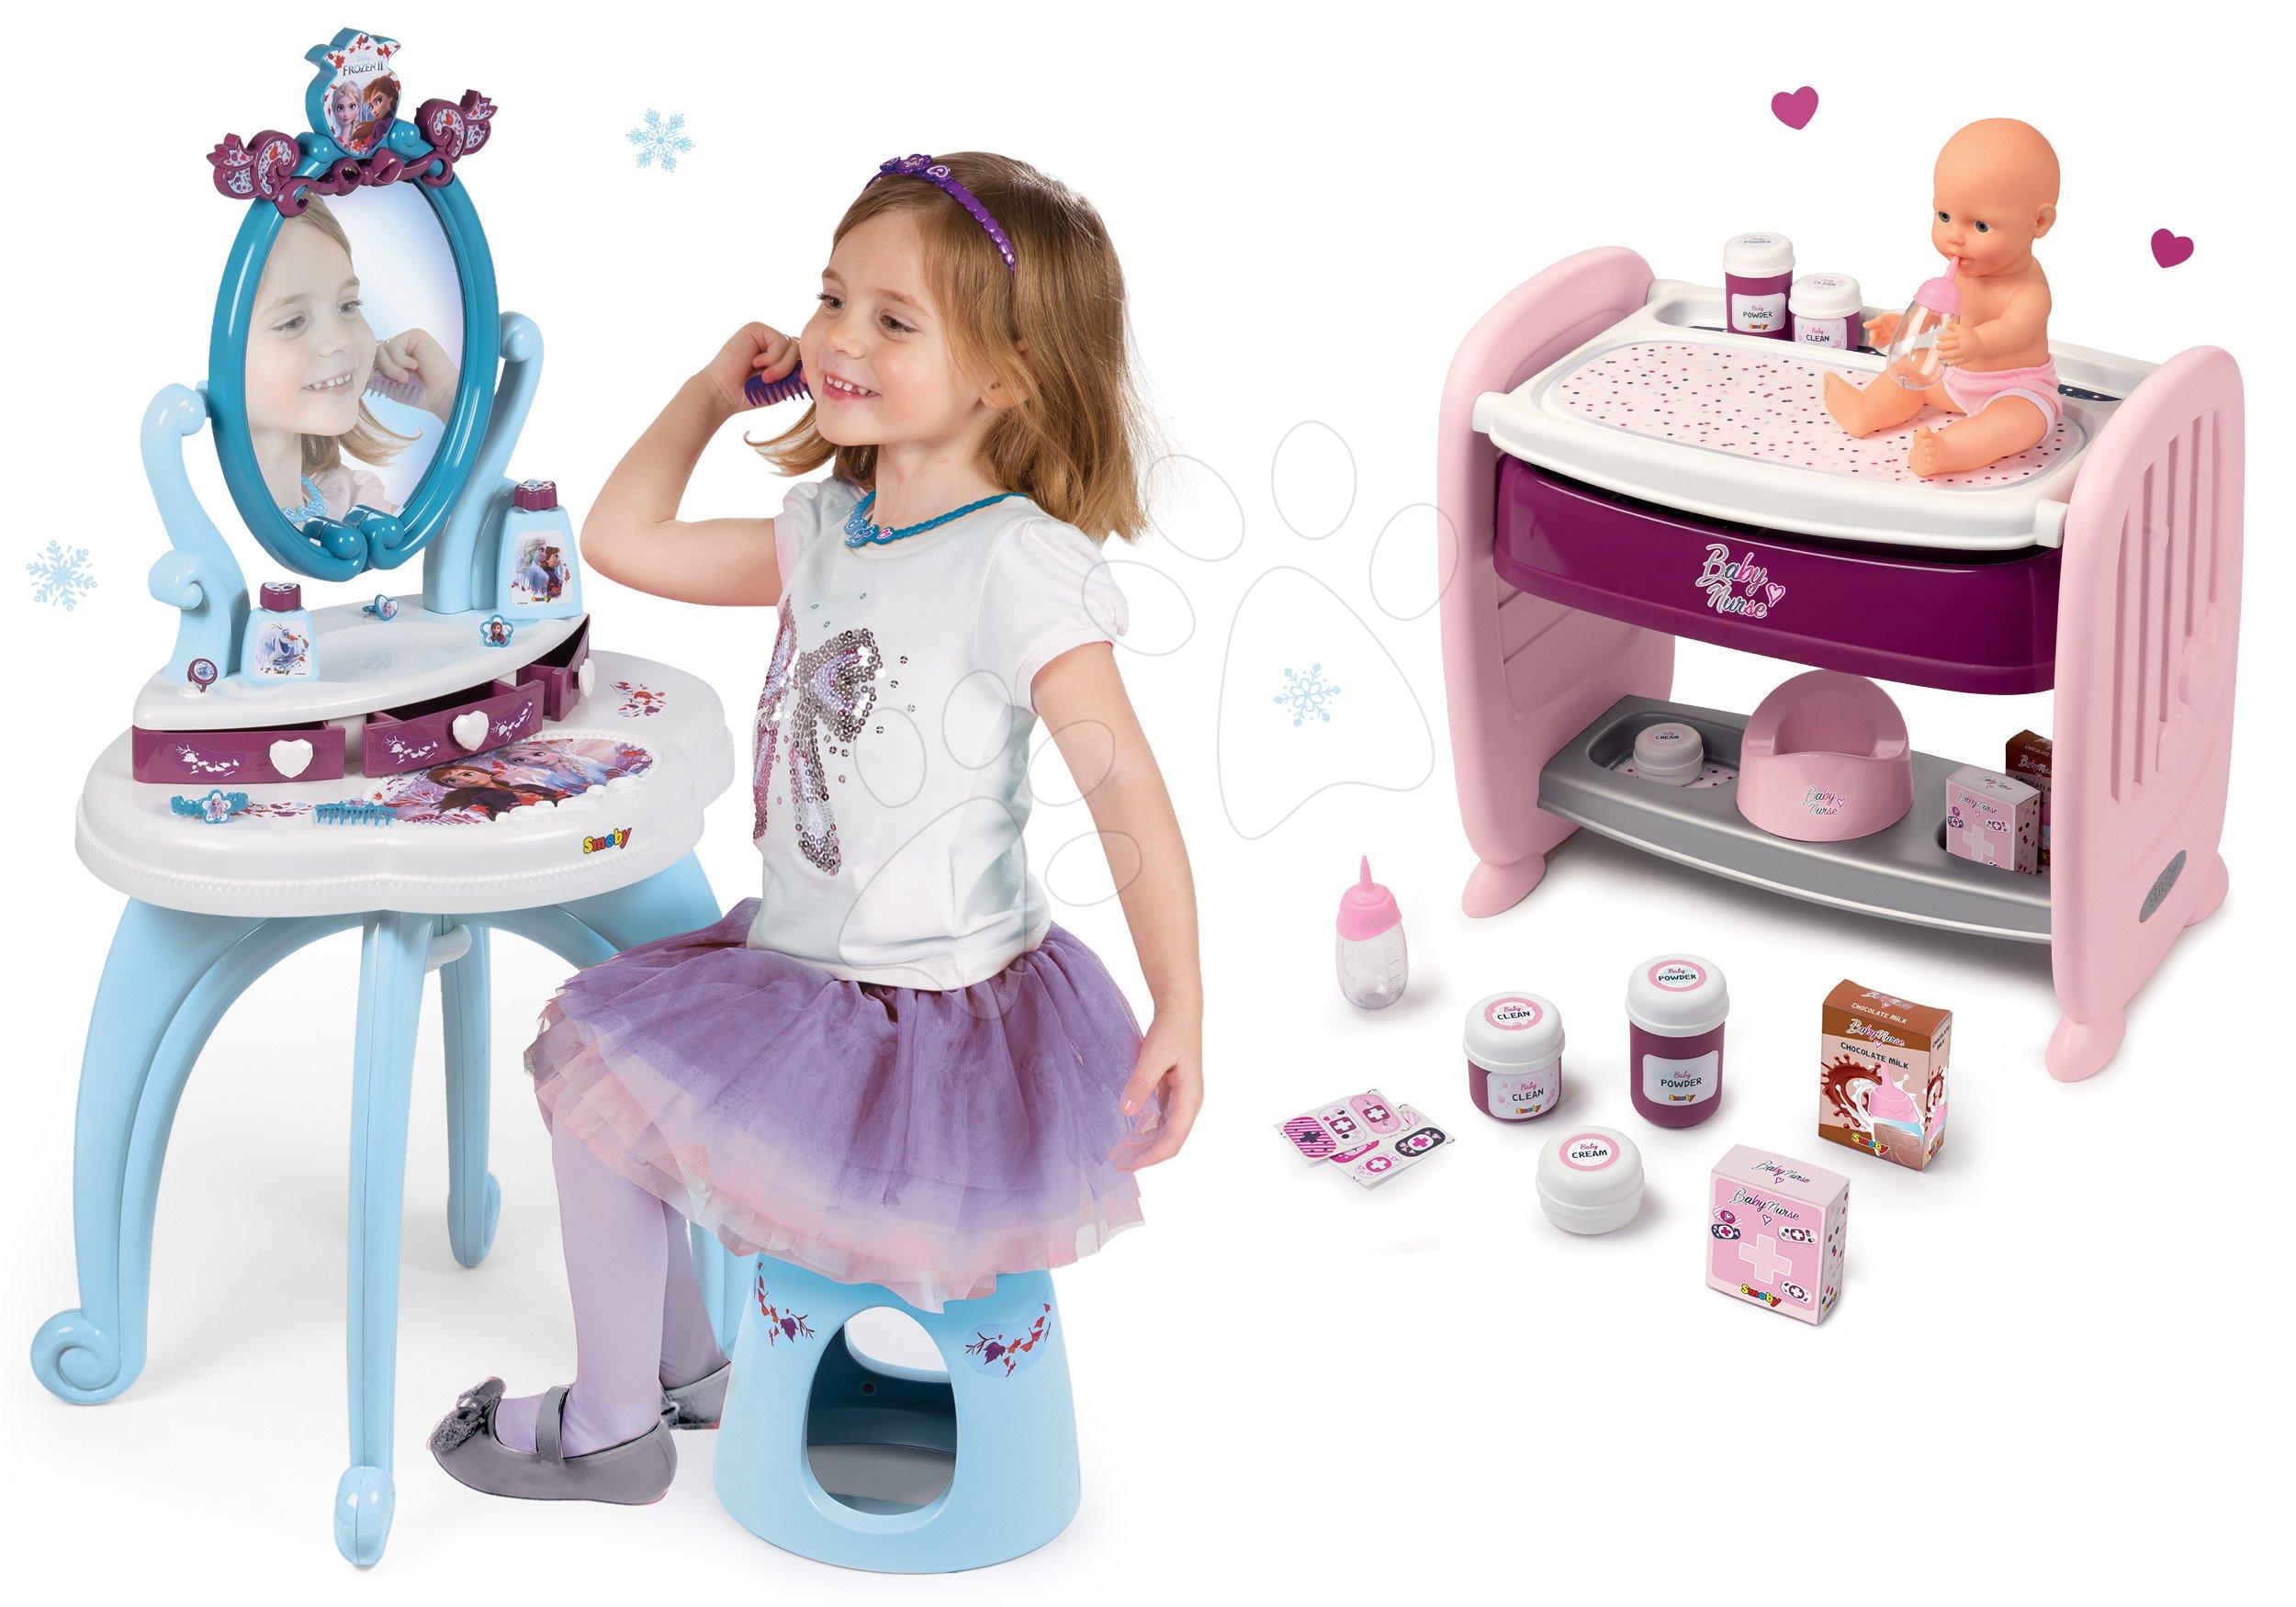 Smoby detský kozmetický stolík a nákupná taška Frozen 320214-8